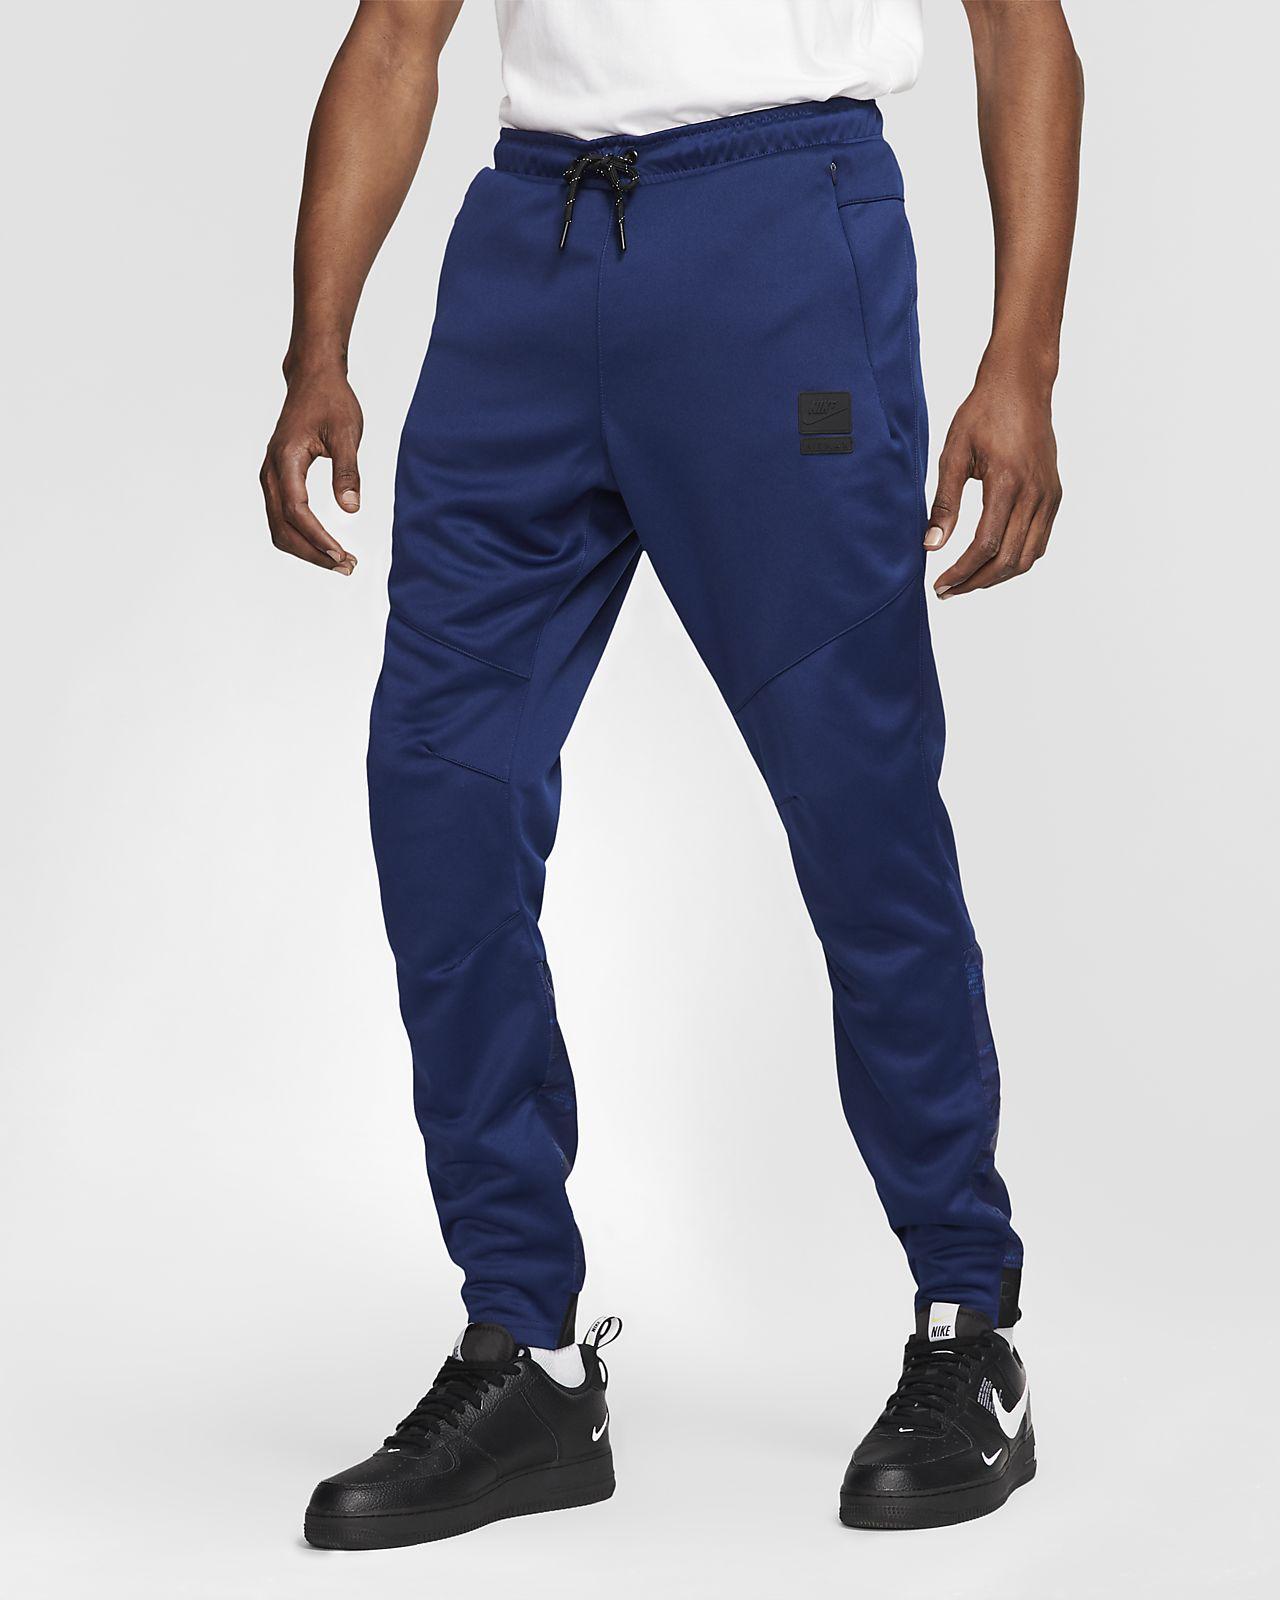 Pantalones de entrenamiento para hombre Nike Air Max